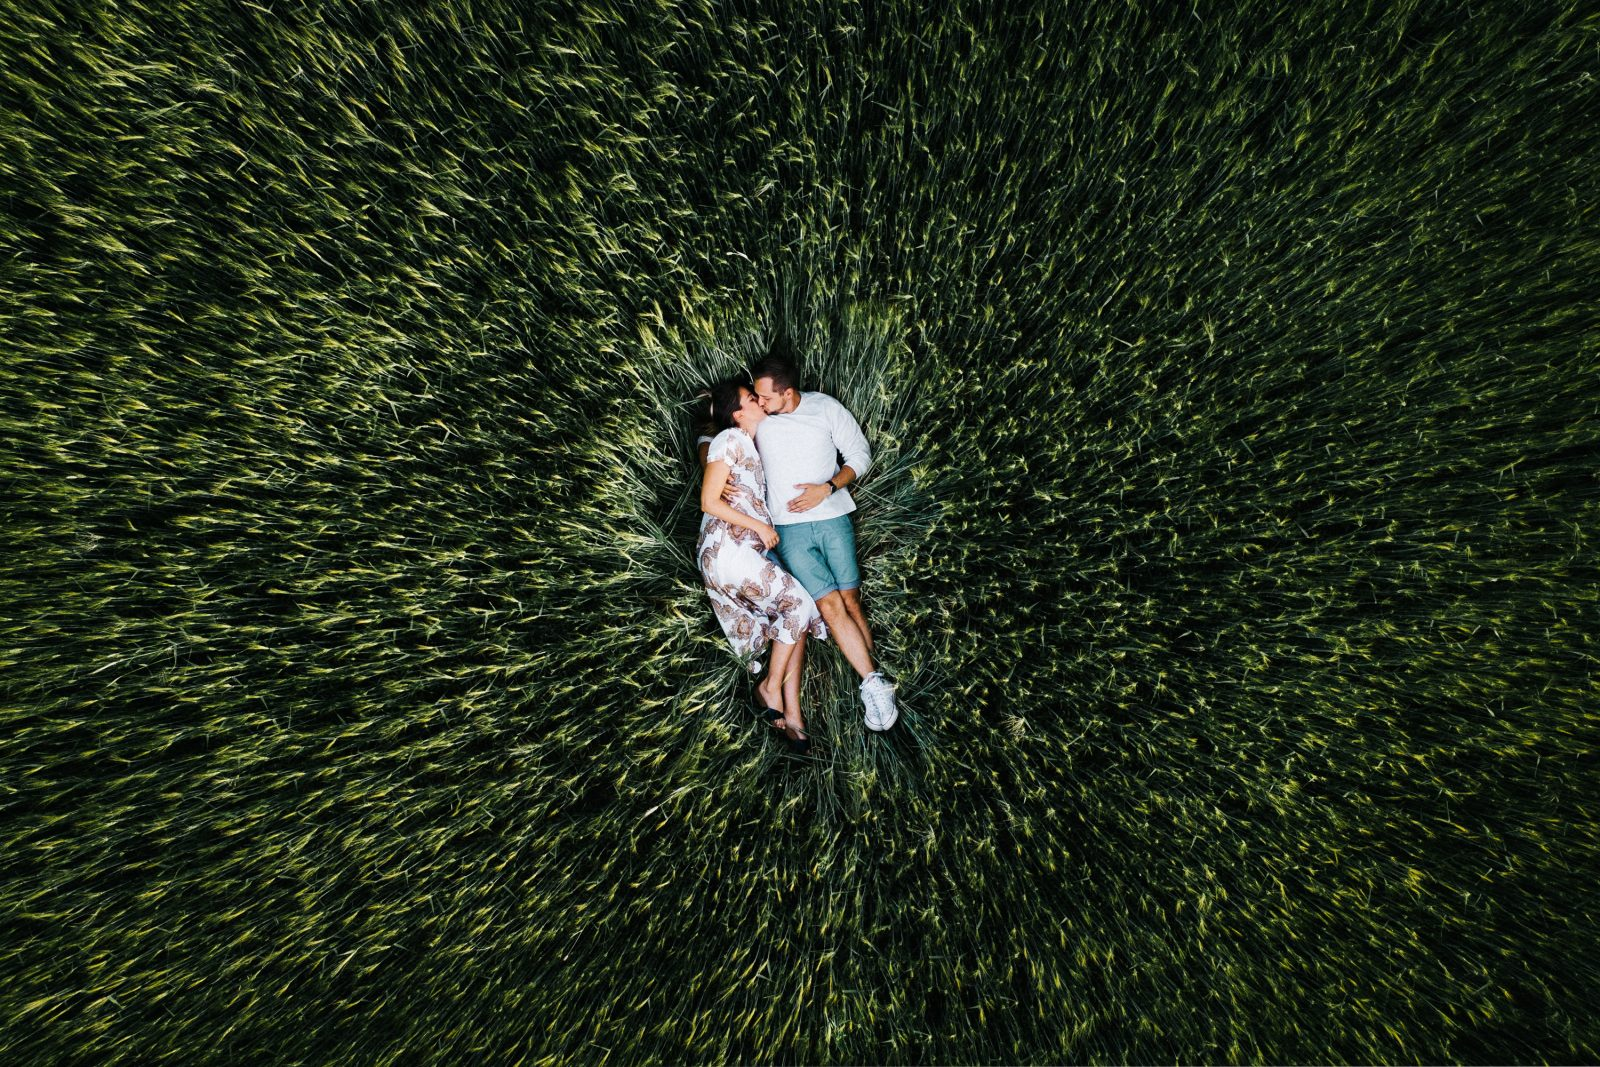 Verlobungsschooting - Engagementshooting im Roggenfeld in Brandenburg mit Drohne aufgenommen - Luftaufnahme - Herzklopfreportagen by Steven Ritzer